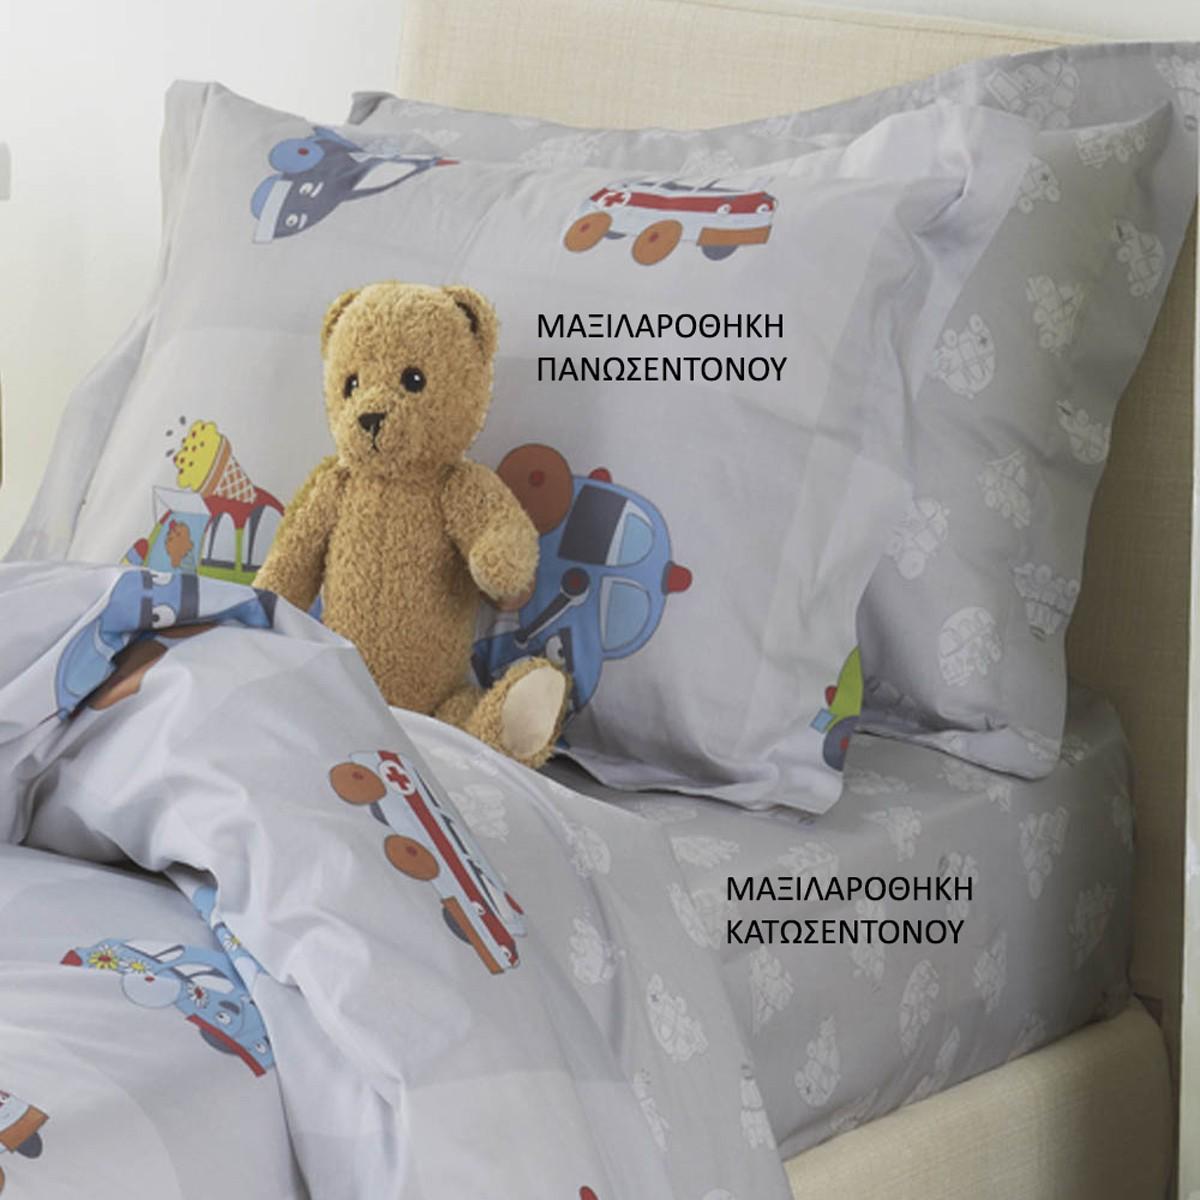 Μαξιλαροθήκη Kentia Kids Vroom ΜΑΞΙΛΑΡΟΘΗΚΗ ΠΑΝΩΣΕΝΤΟΝΟΥ ΜΑΞΙΛΑΡΟΘΗΚΗ ΠΑΝΩΣΕΝΤΟΝΟΥ